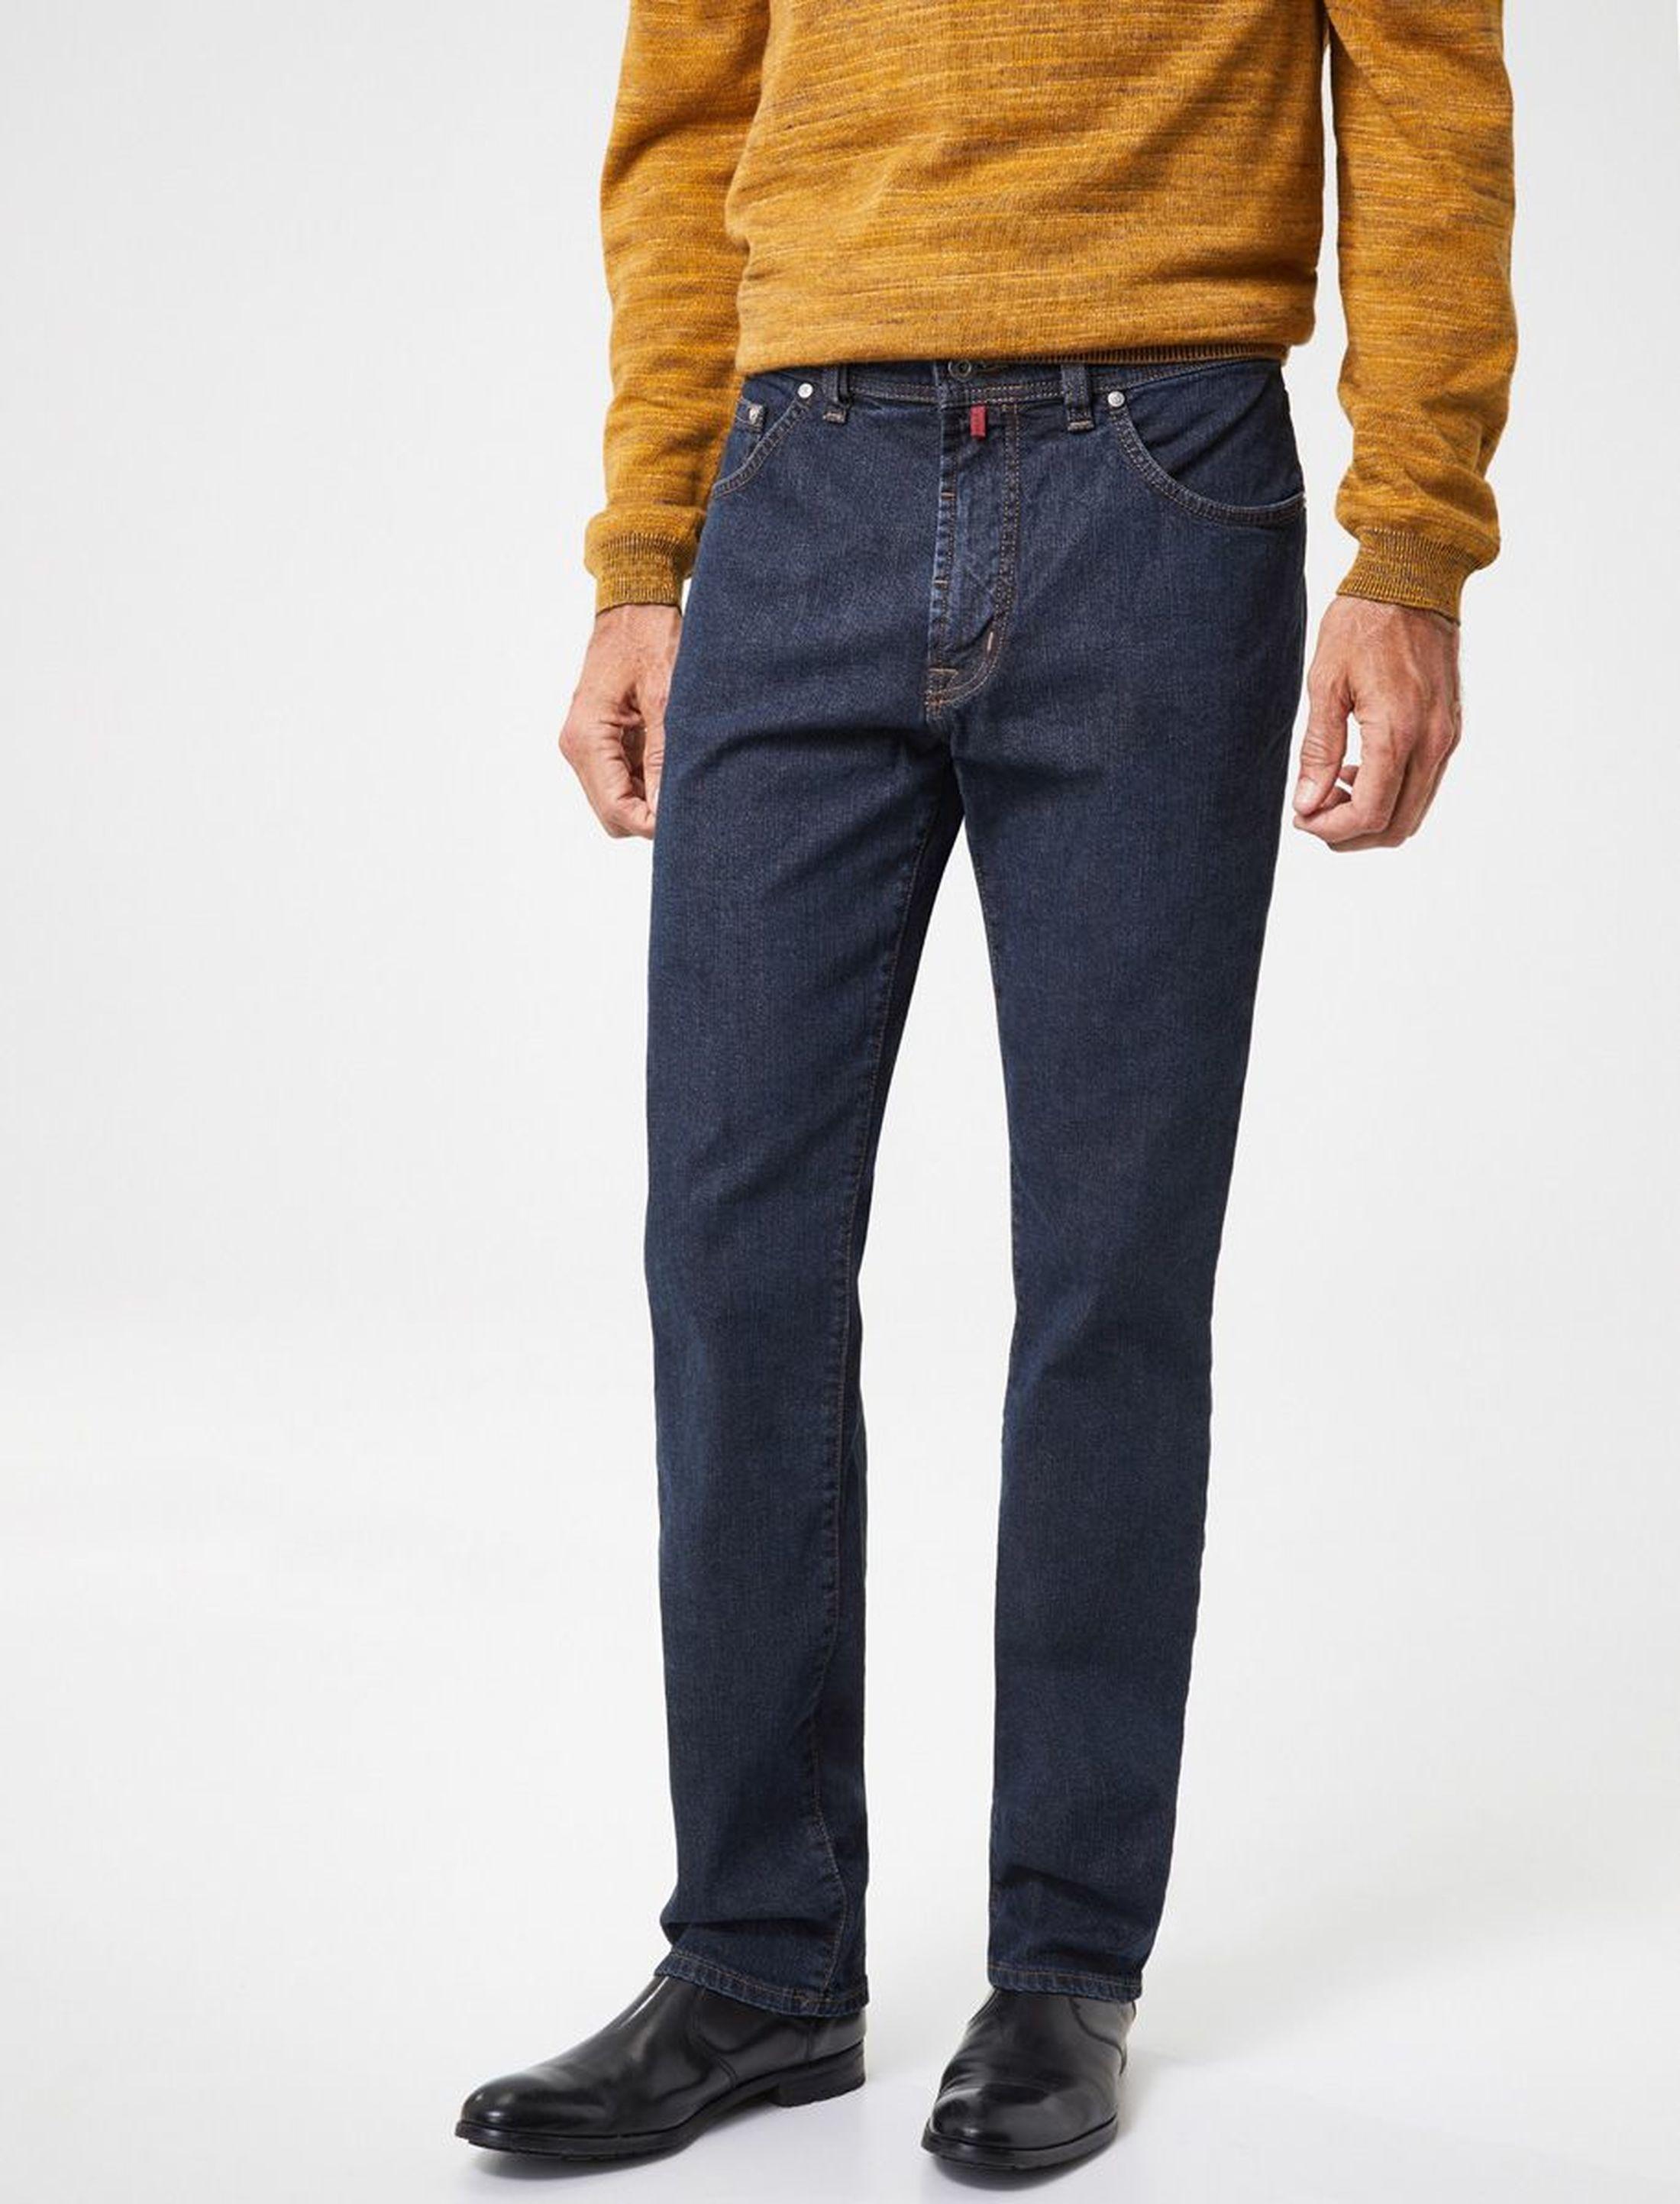 Pierre Cardin Jeans Dijon Navy foto 4